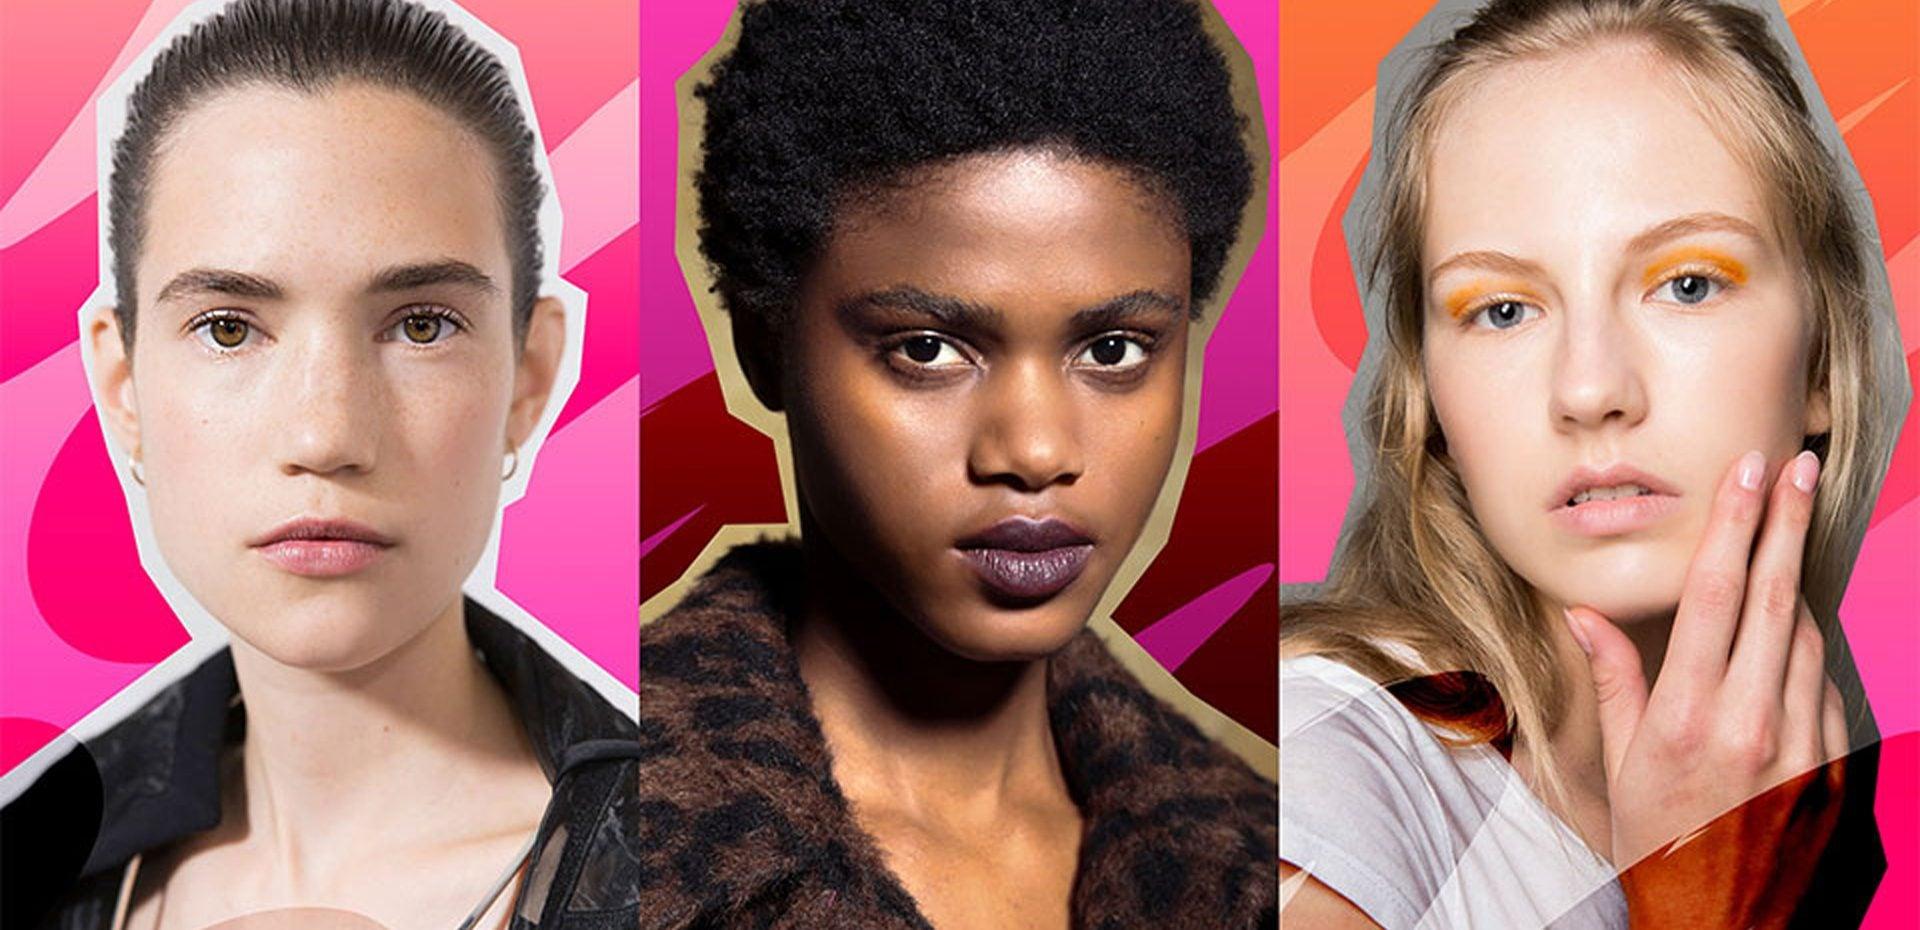 7 ترند فراگیر زیبایی سال 2020